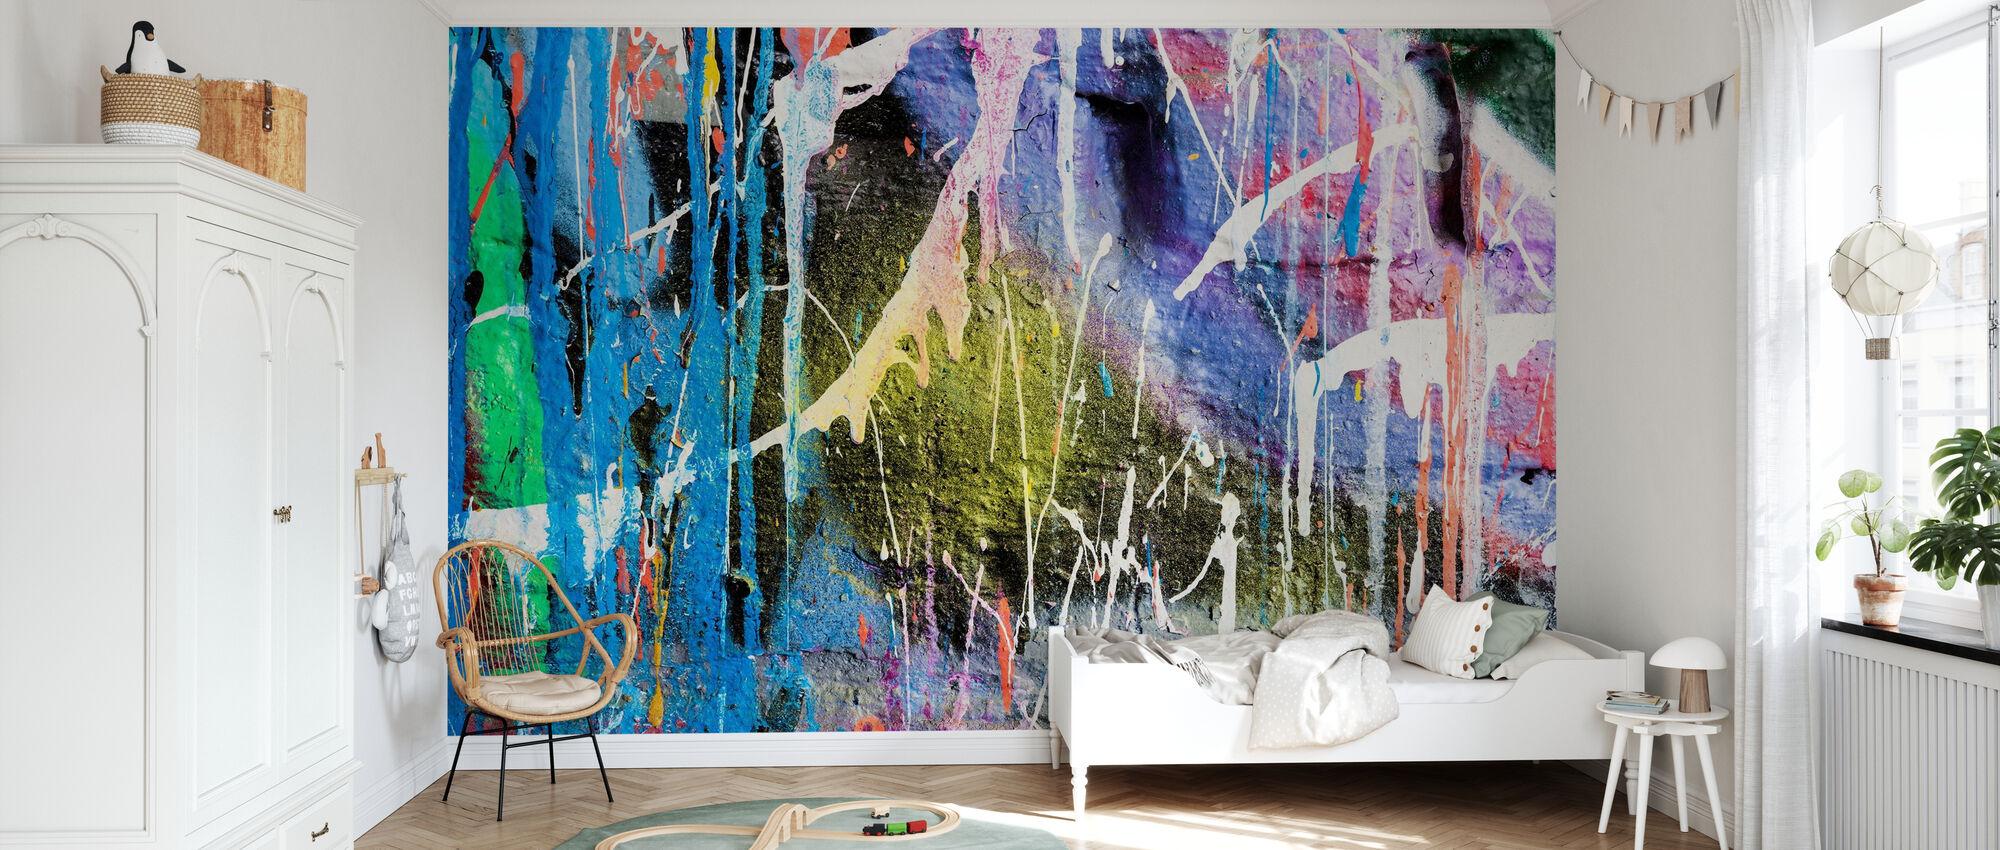 Mur de graffiti de peinture goutte à goutte - Papier peint - Chambre des enfants